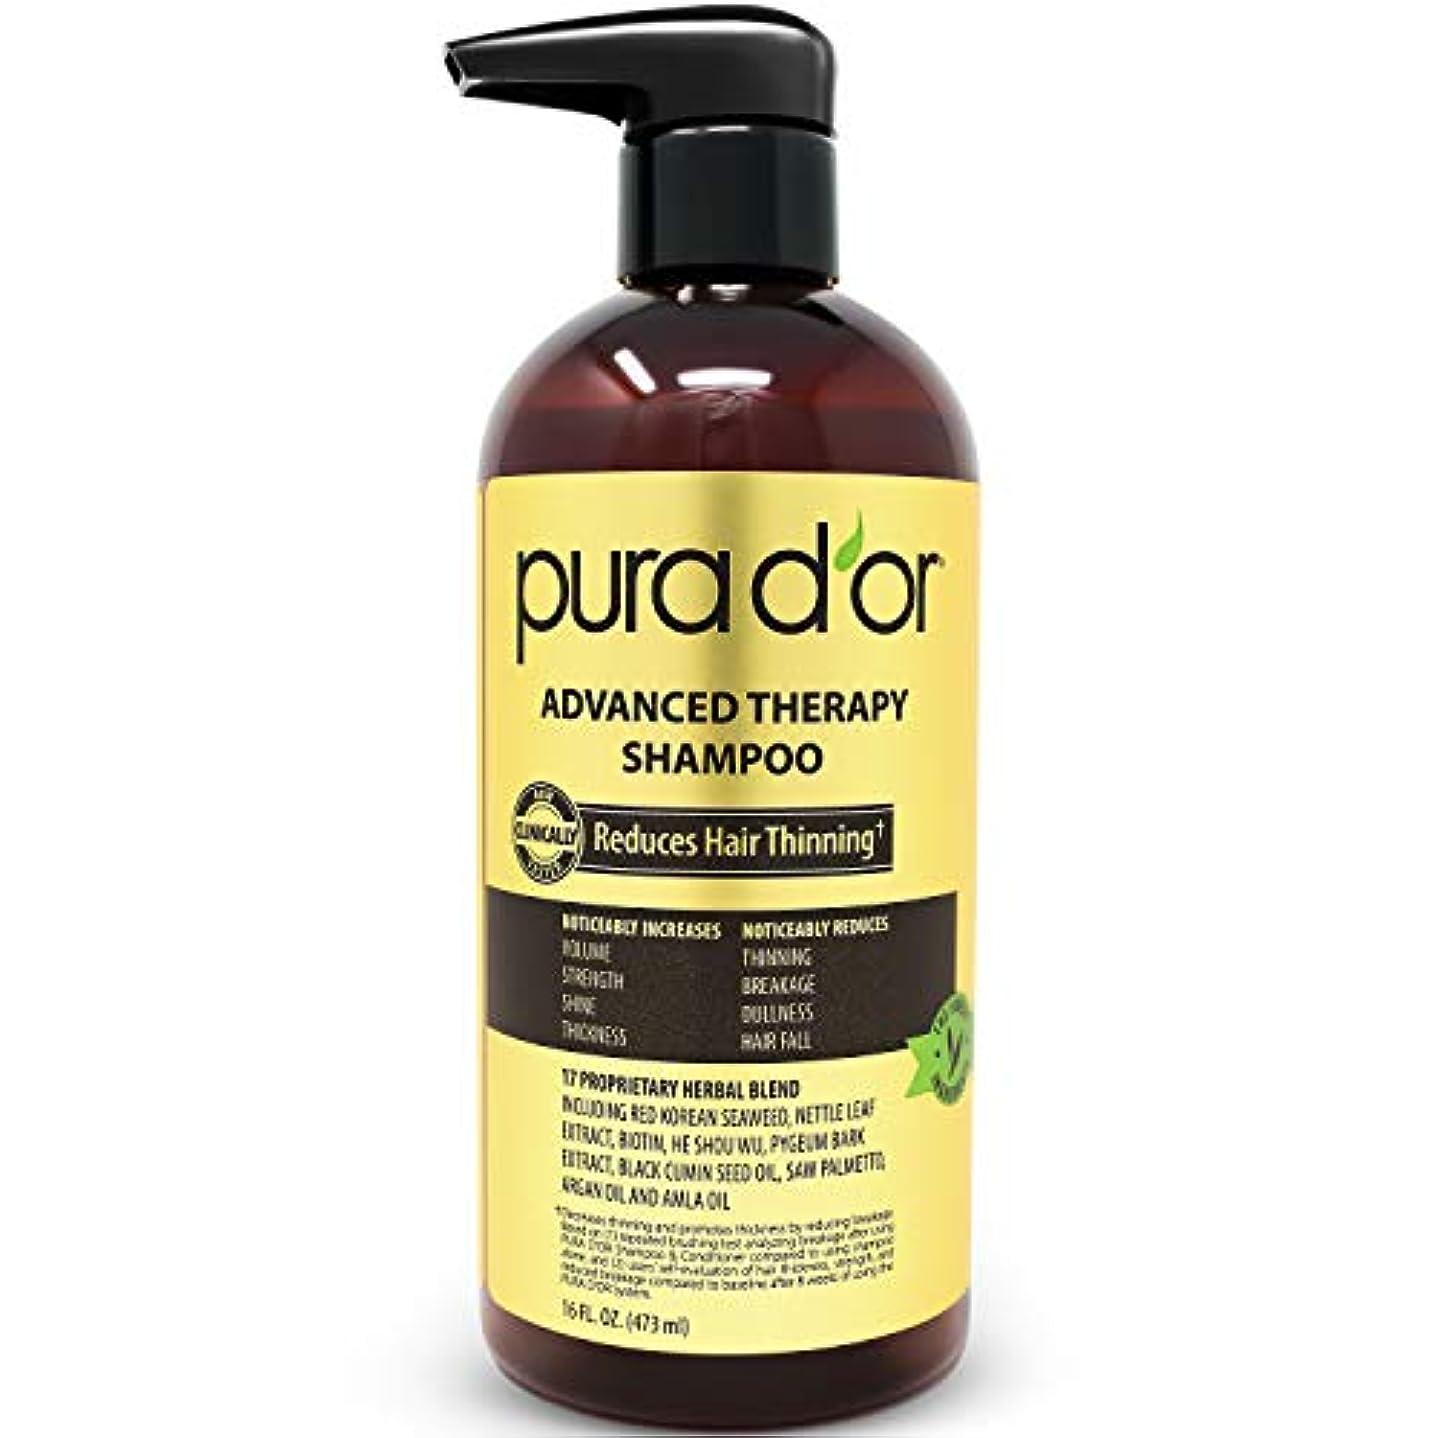 関係ホイストうそつきPURA D'OR 高度セラピーシャンプー 薄毛を改善し、髪にボリュームを、硫酸塩フリー、アルガンオイル&アロエベラ&ビオチン配合、すべてのヘアタイプに、男性&女性、473ml(16液量オンス) 473ml(16 液量オンス)